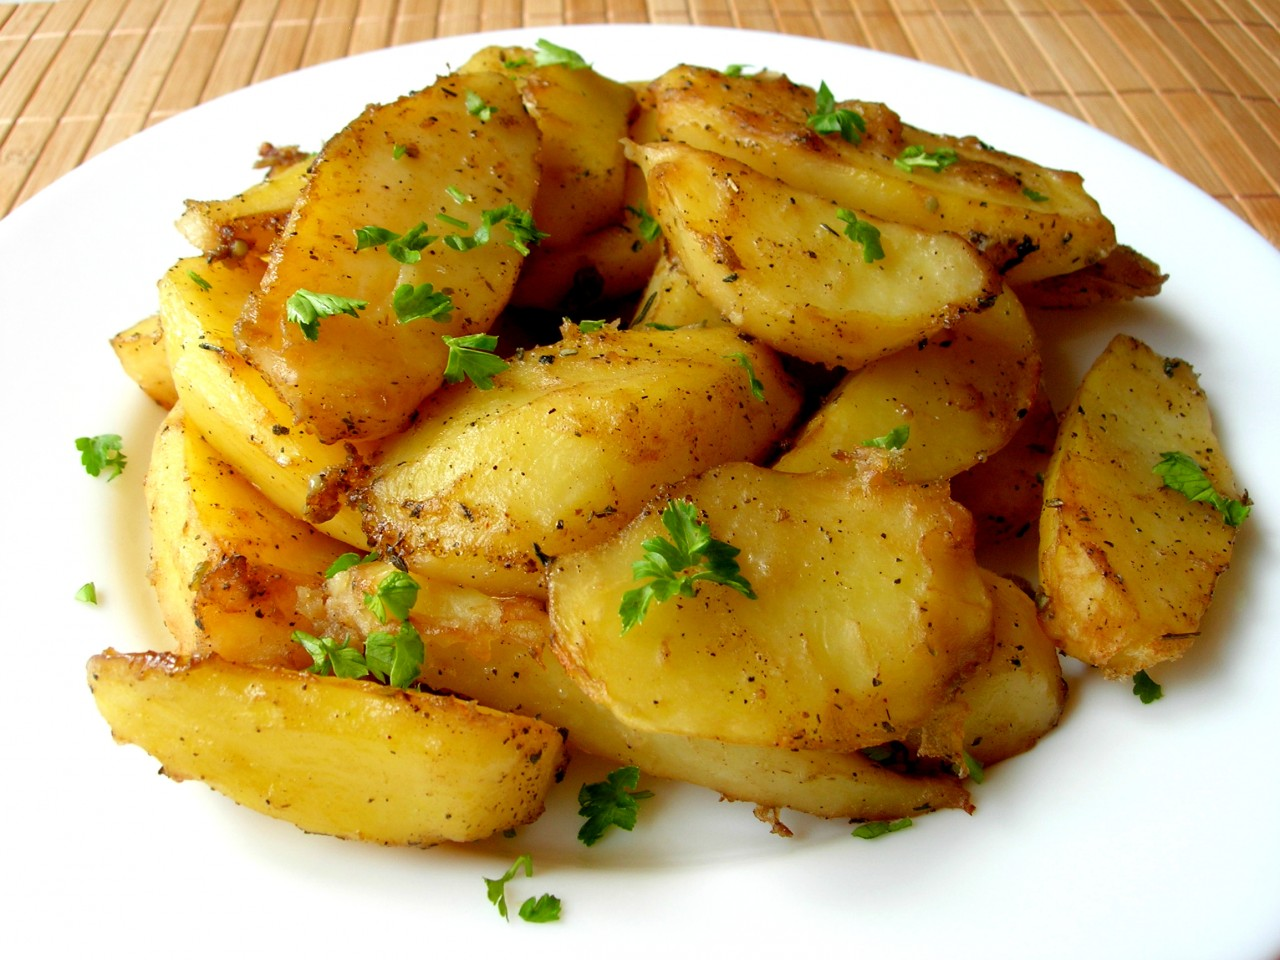 Румяная картошечка в Духовке, Удачный рецепт для Вкусного Обеда или Ужина